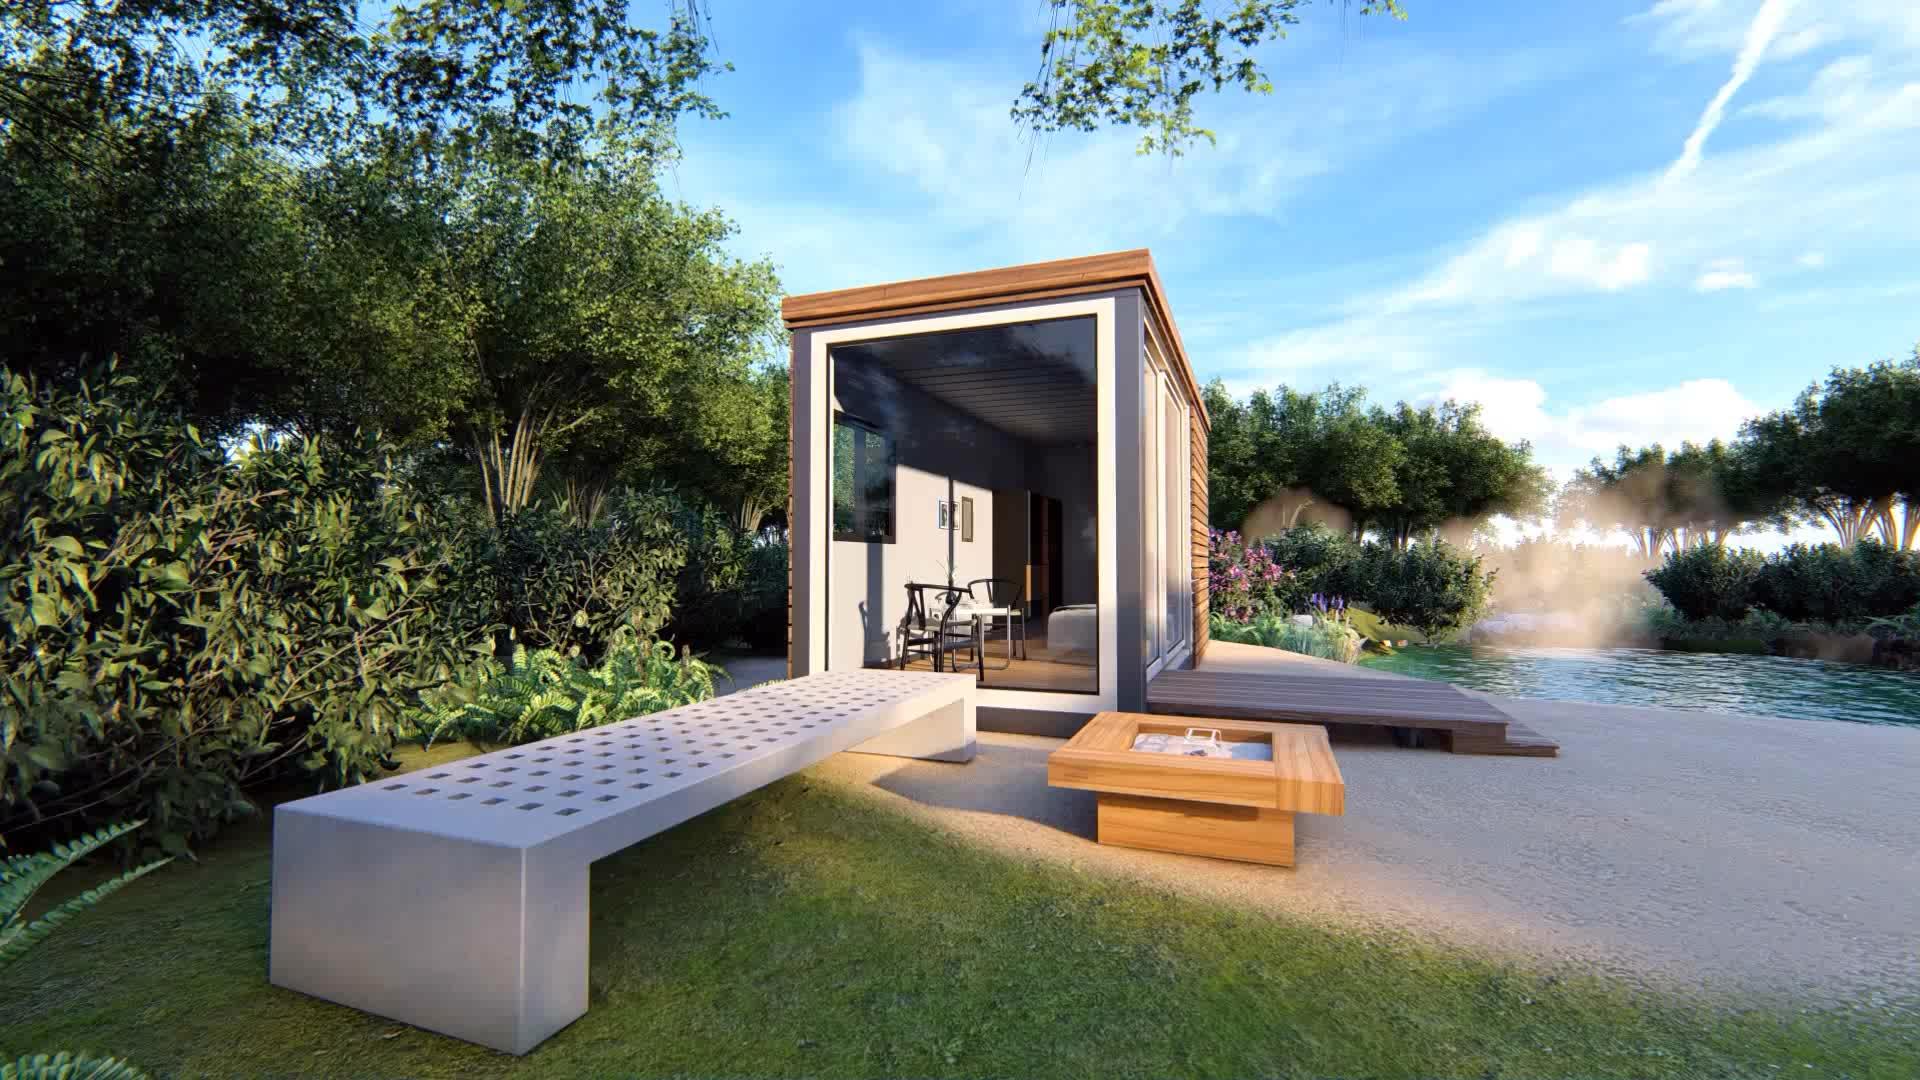 Prefabbricata kit set case di legno log cabine bello disegno della natura di legno casa del contenitore